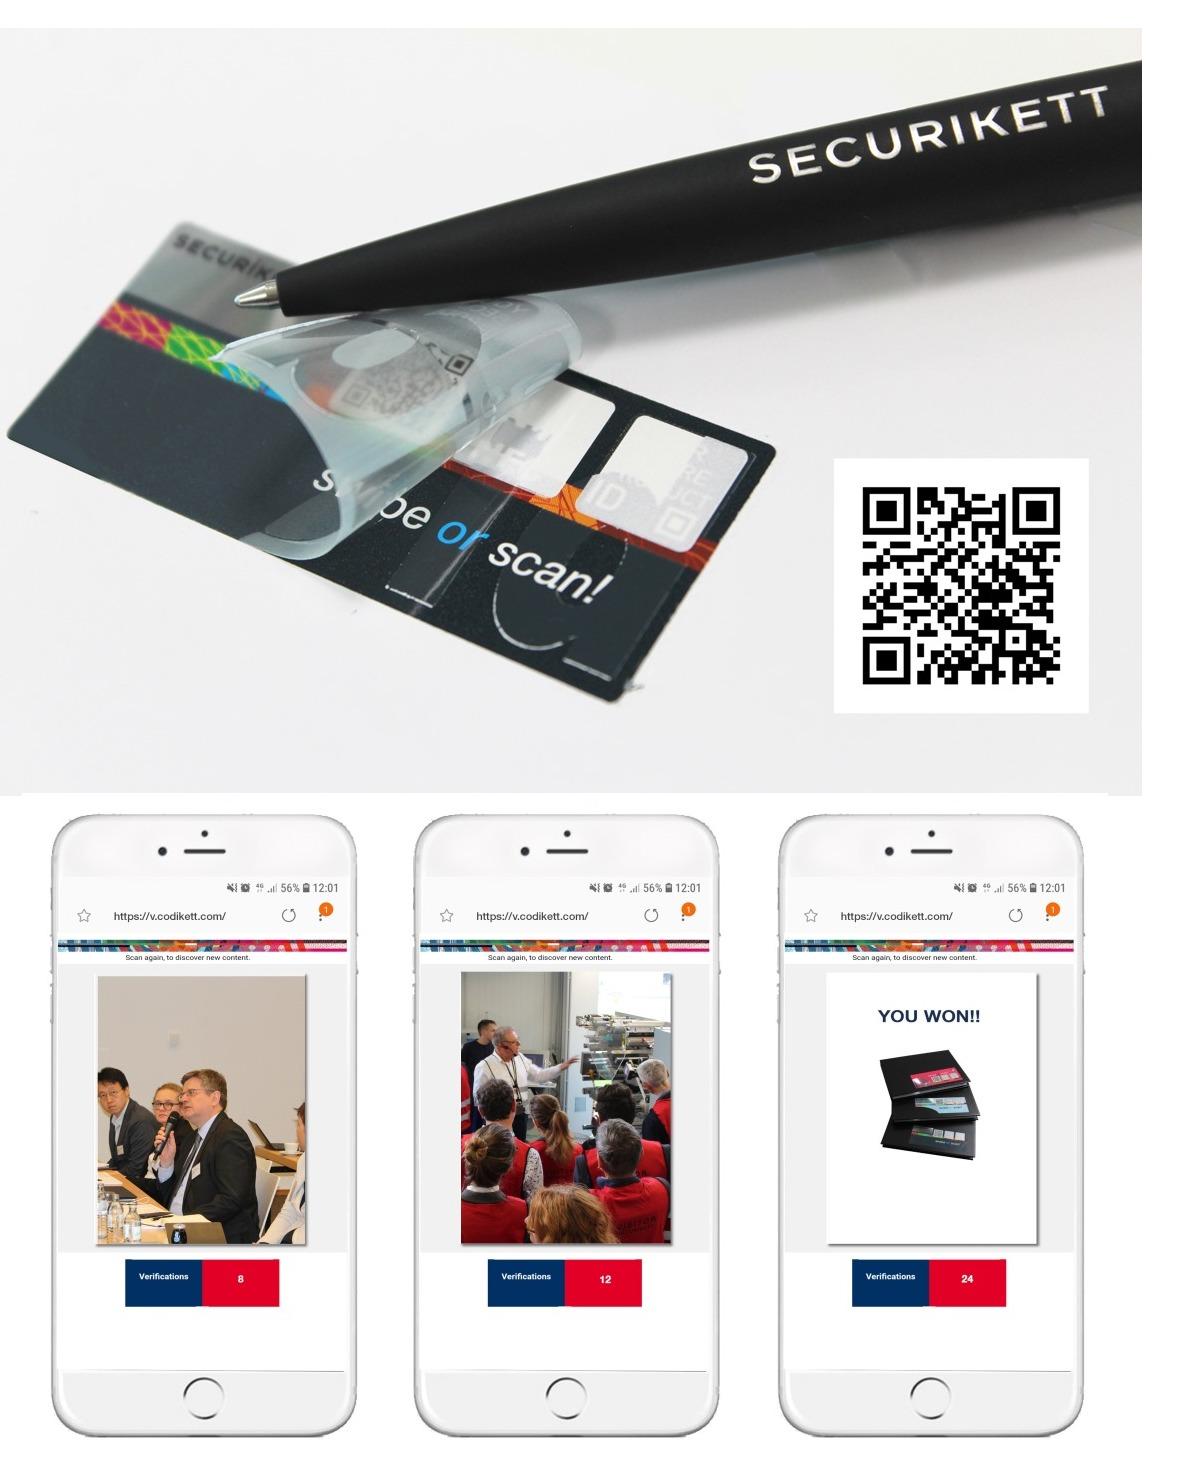 Diese VOID-Etiketten mit integriertem NFC-Chip wurden am 23. Mai 2019 im Rahmen des 3rd Forum Unique Codes präsentiert. Als User Experience konnten die Dynamik und Interaktivität des Codes live getestet werden. Fotos der Veranstaltung konnten bereits wenige Minuten später auf der Antwortseite aufgerufen werden. Bei jedem Scan wechselt das Bild. Auch ein Gewinn war unter den zahlreichen Bildern versteckt. (Bilder: Securikett)